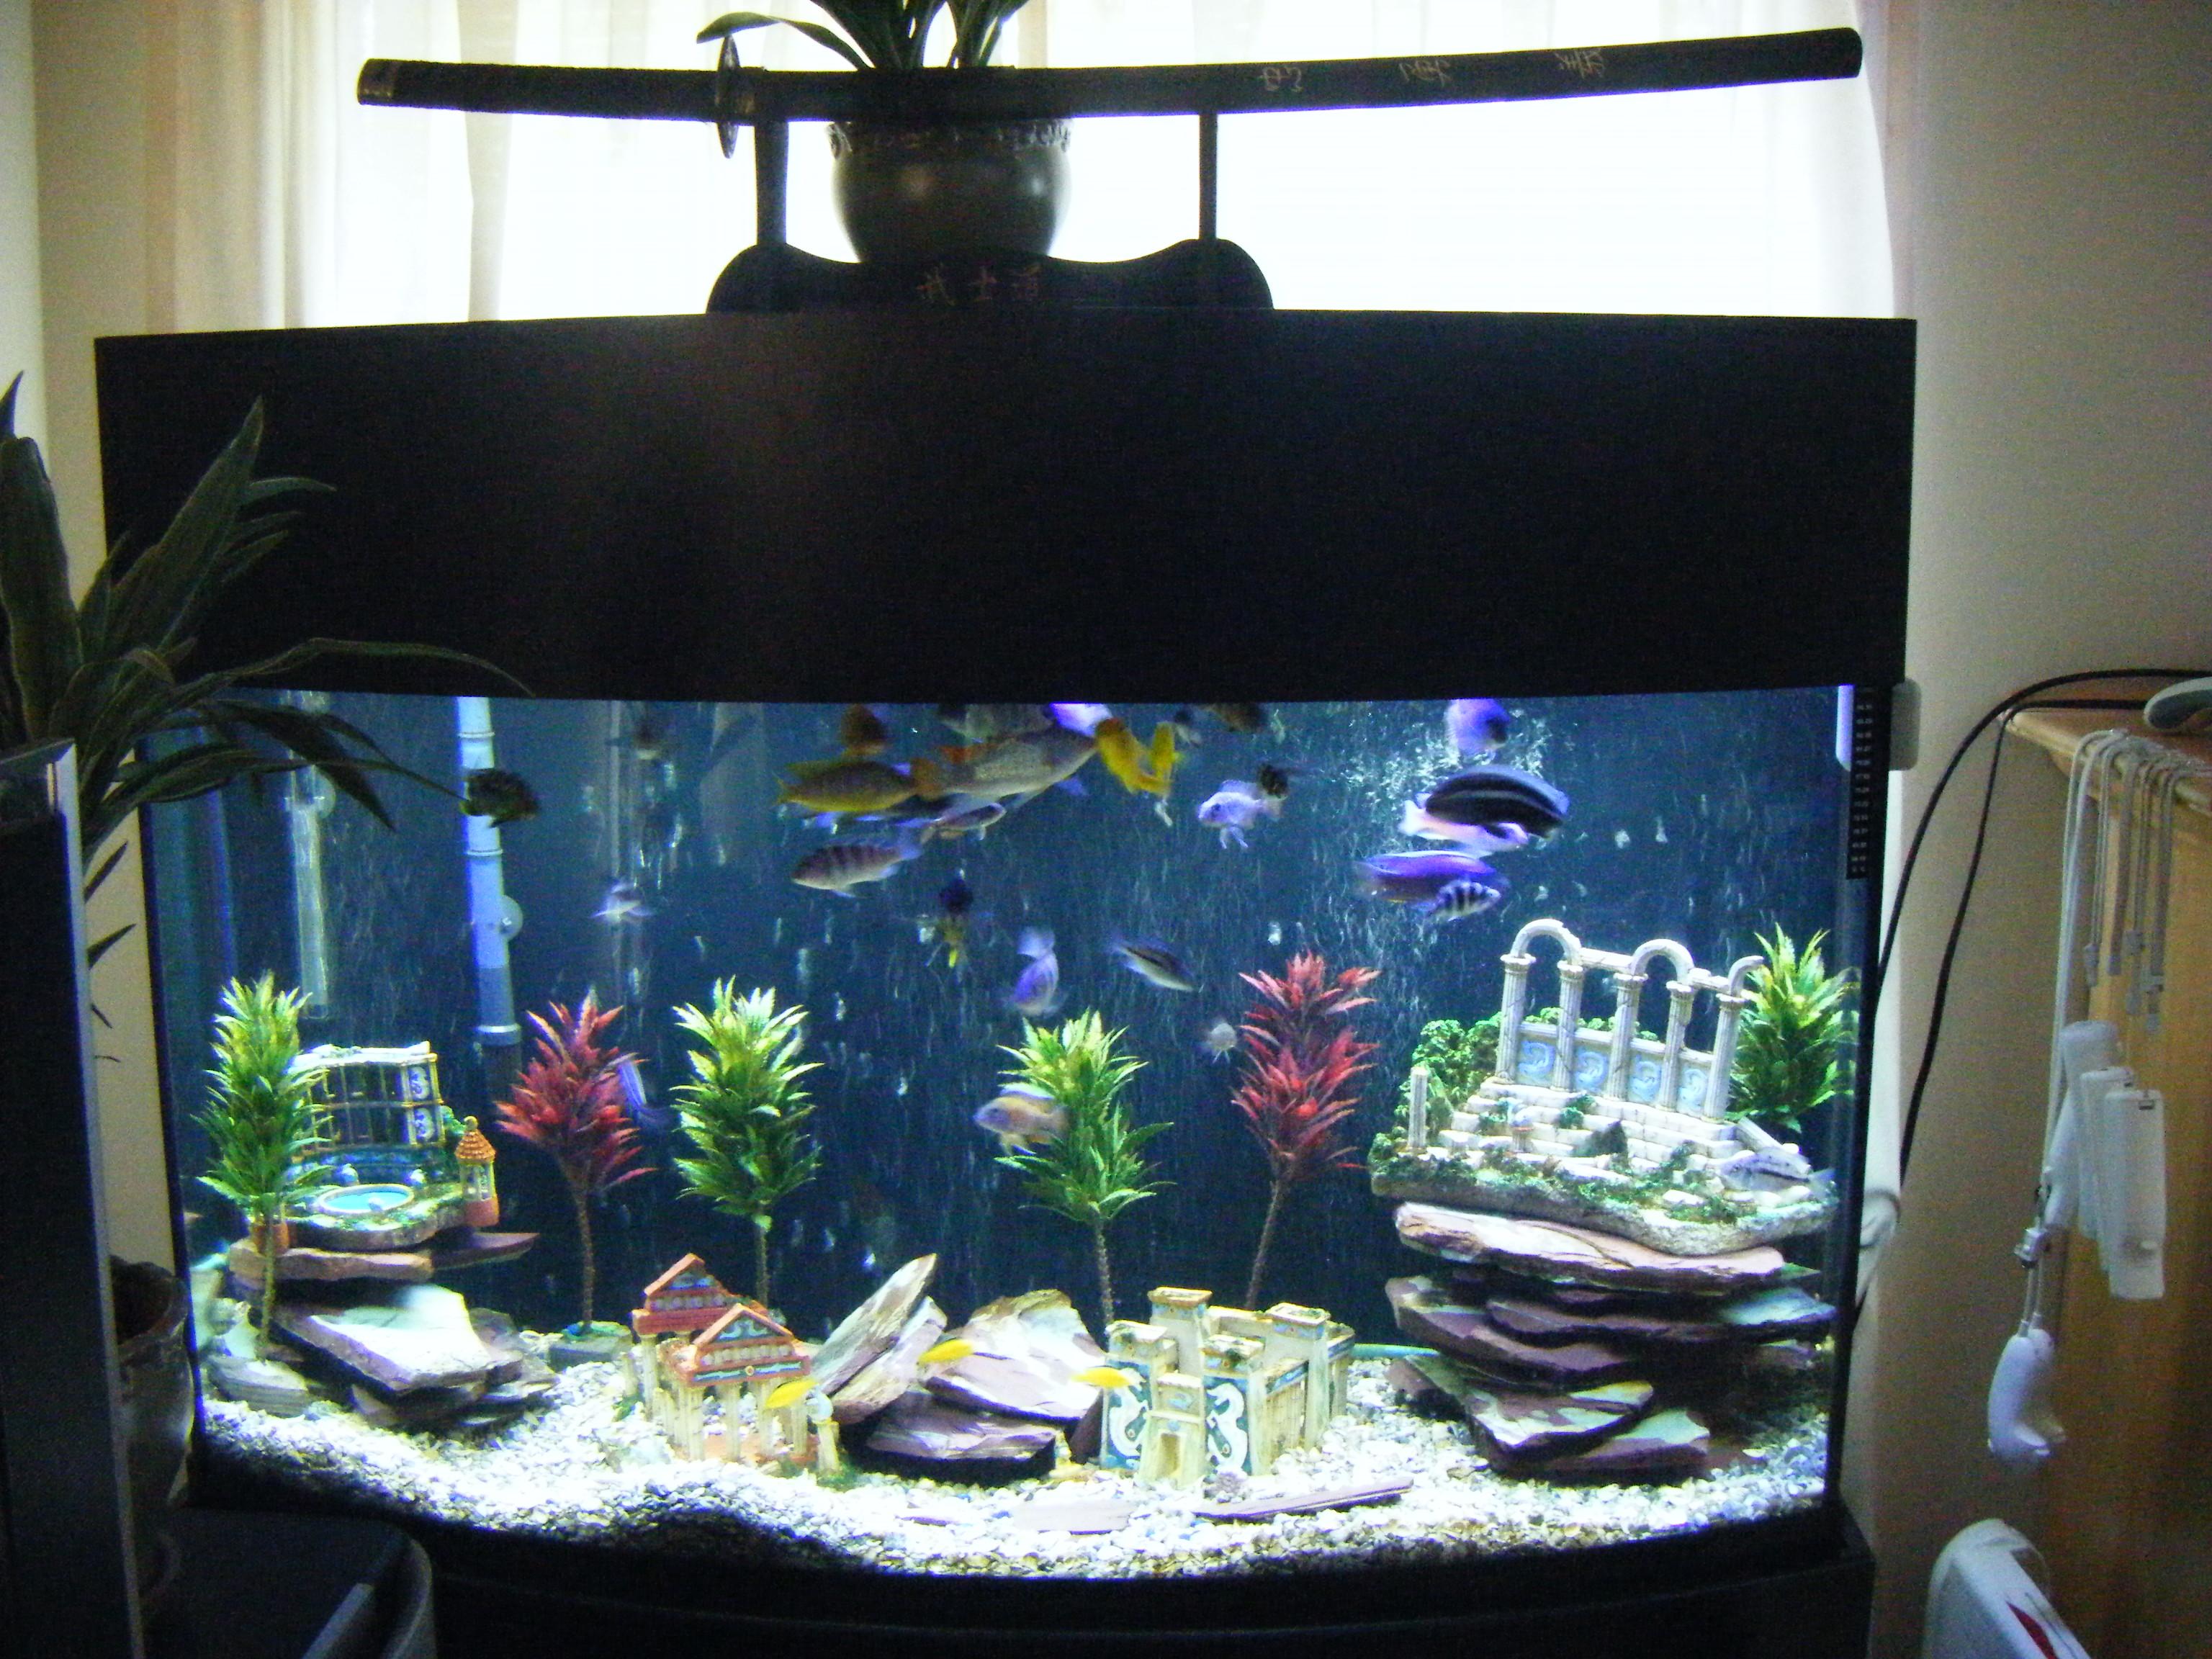 Fish aquarium edmonton - Lost City Of Atlantis